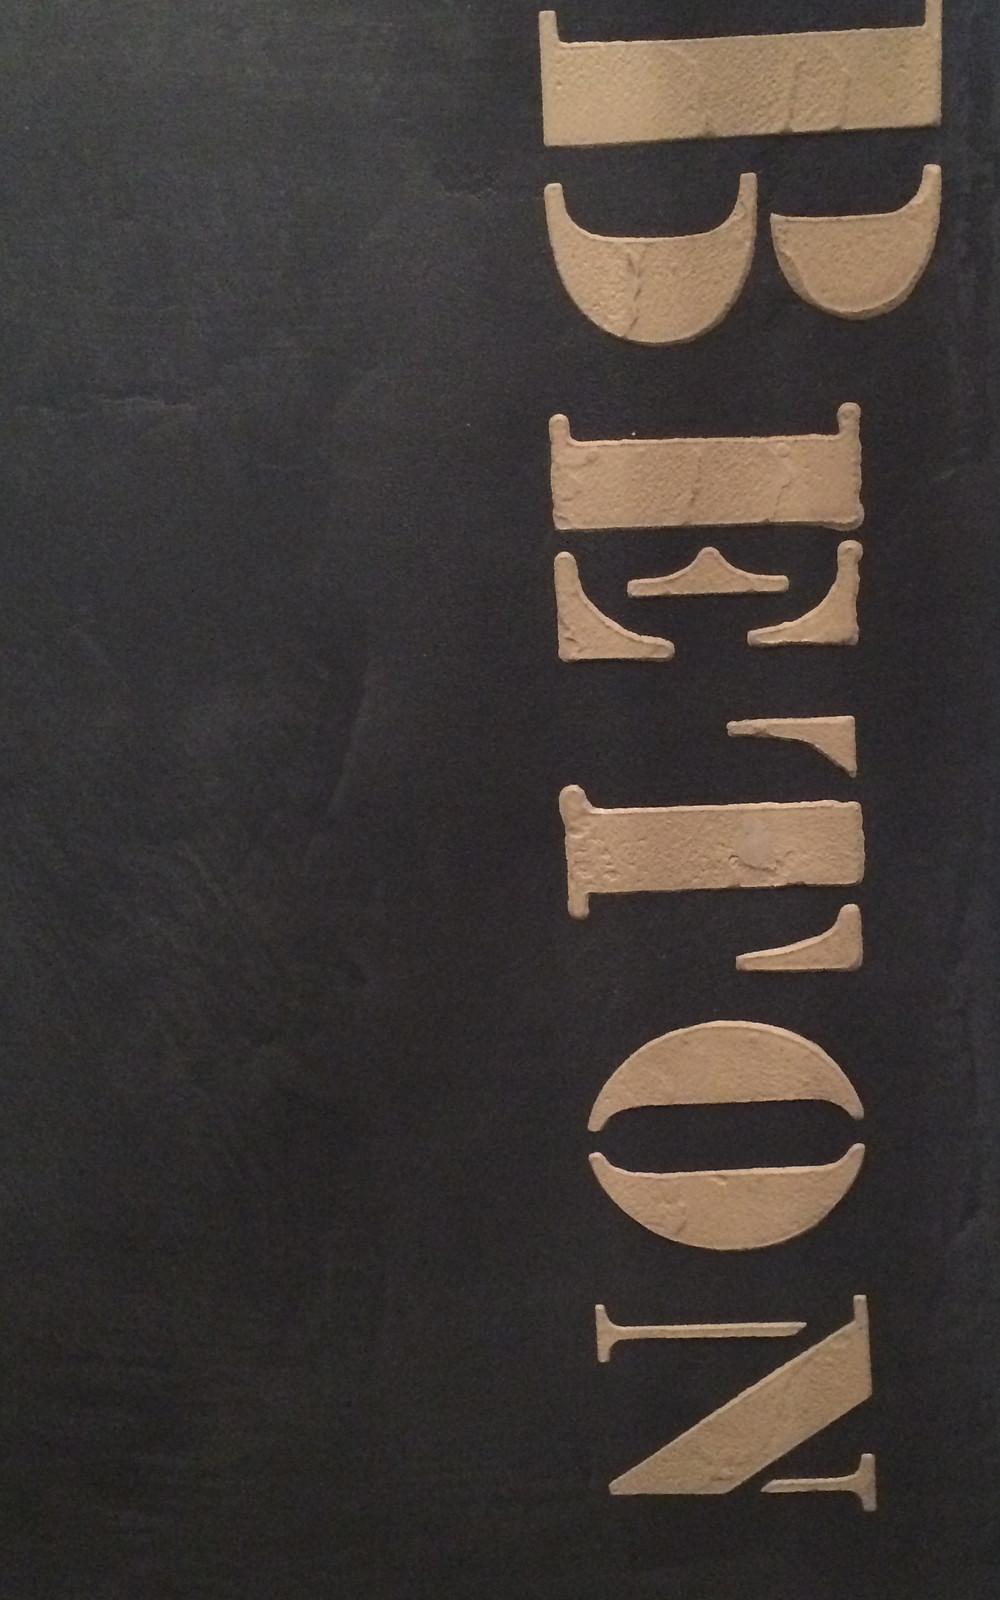 Panneau de démonstration en béton ciré avec pochoir